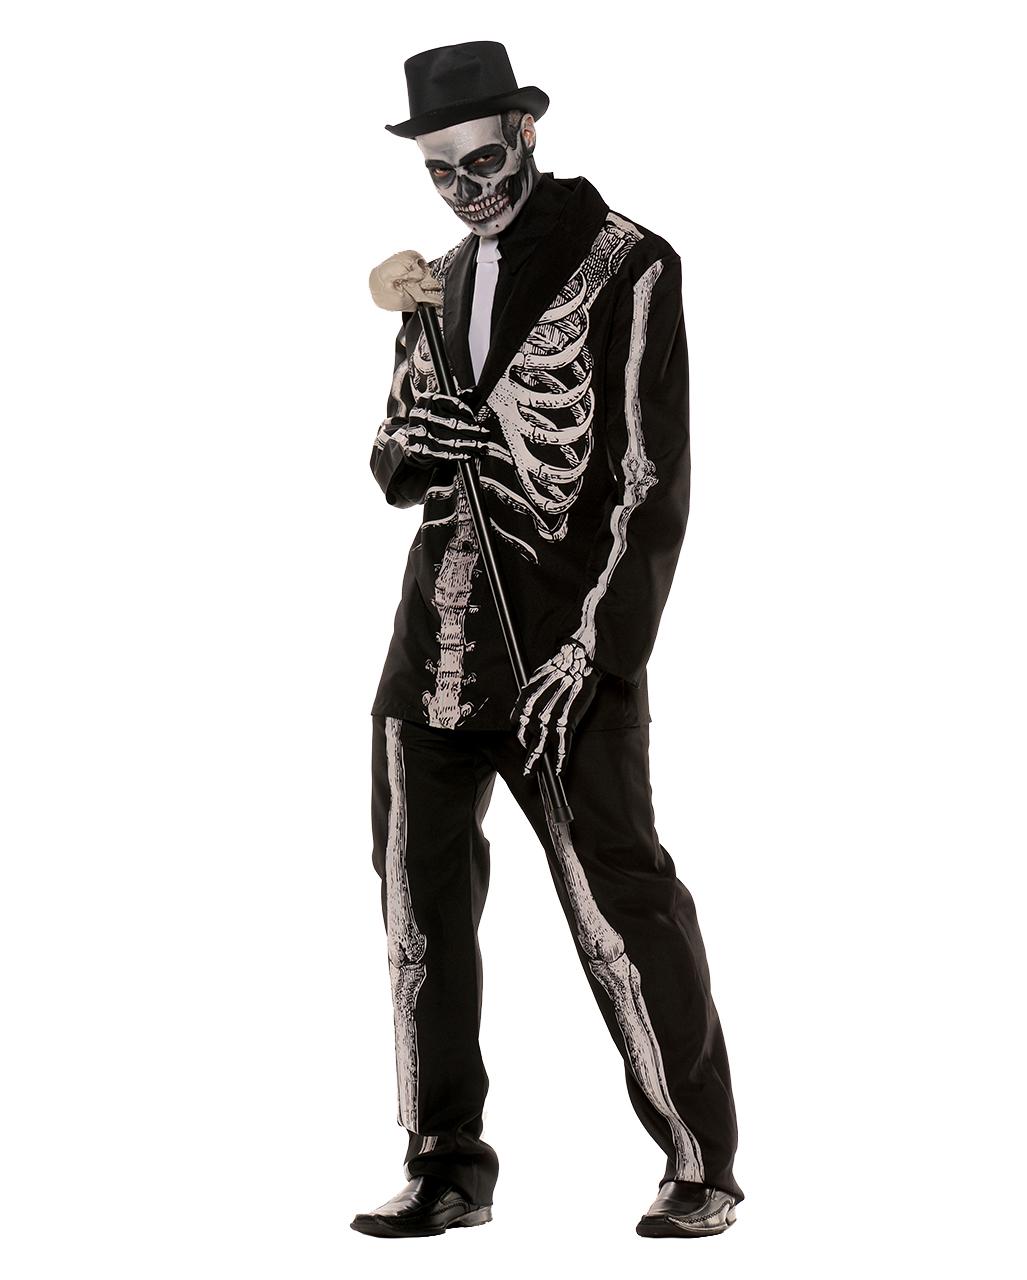 Skeleton costume suit Skeleton costume suit  sc 1 st  Horror-Shop.com & Skeleton costume suit für Day of the Dead | horror-shop.com